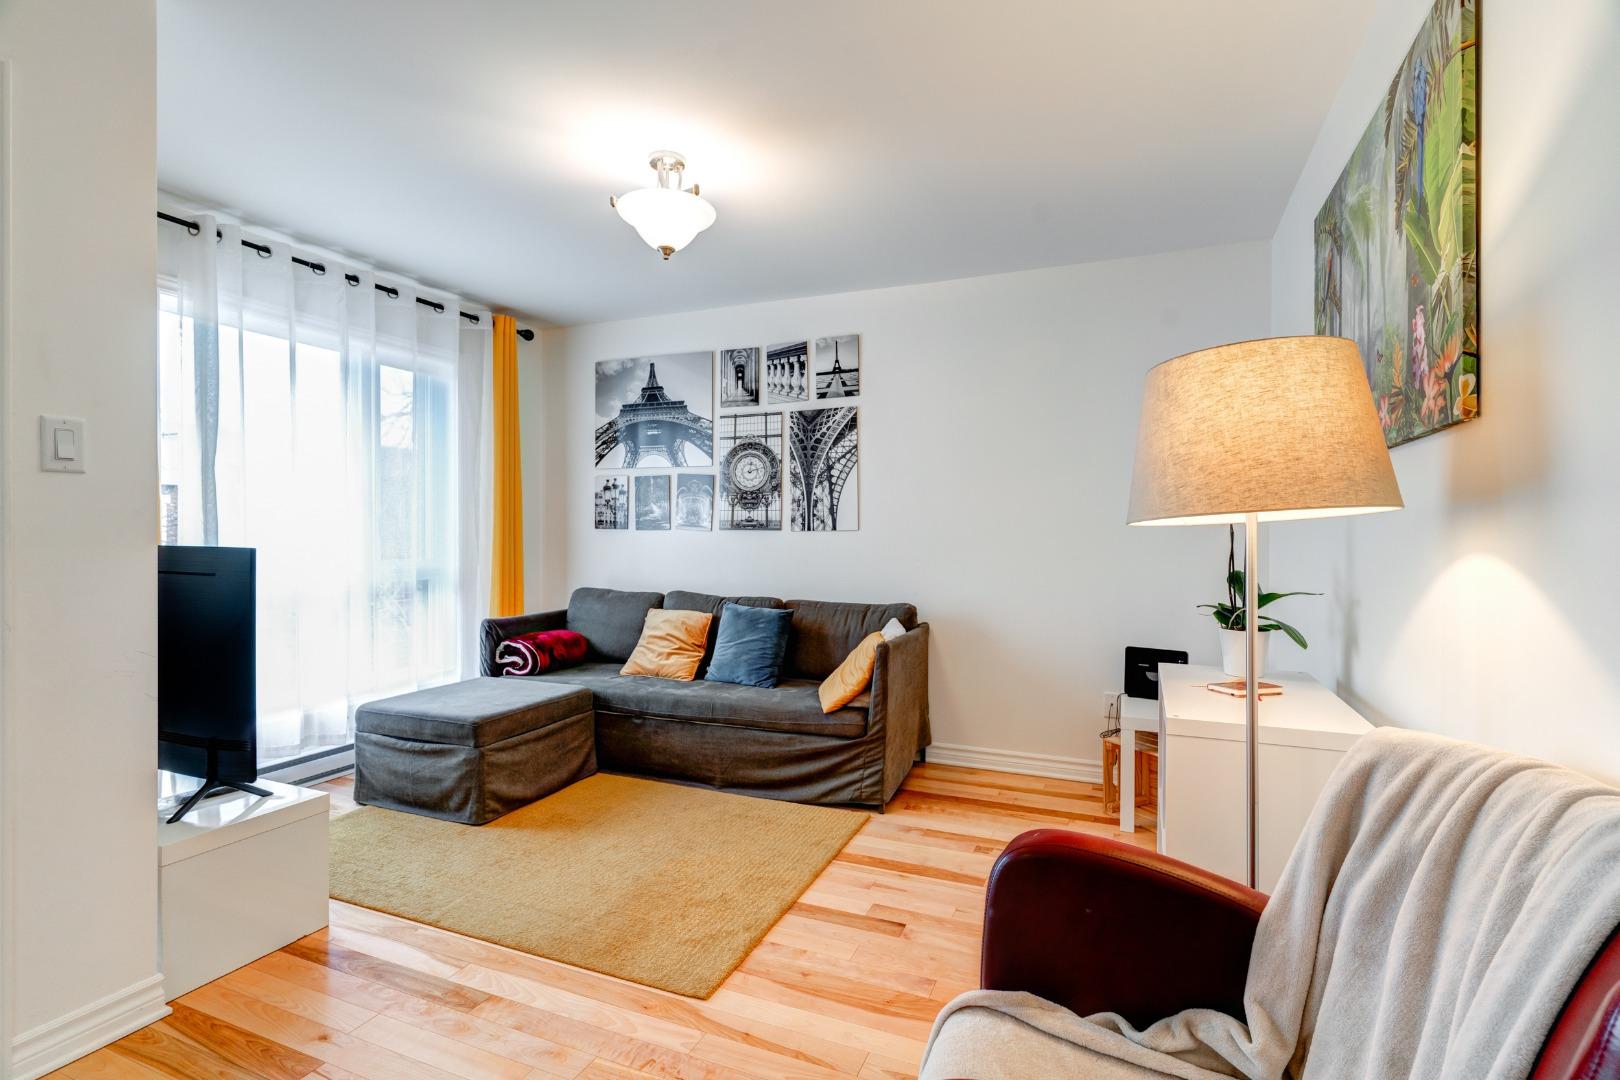 immophoto_-_Appartement_-_7074_de_Lorimier_-_es-3.jpg